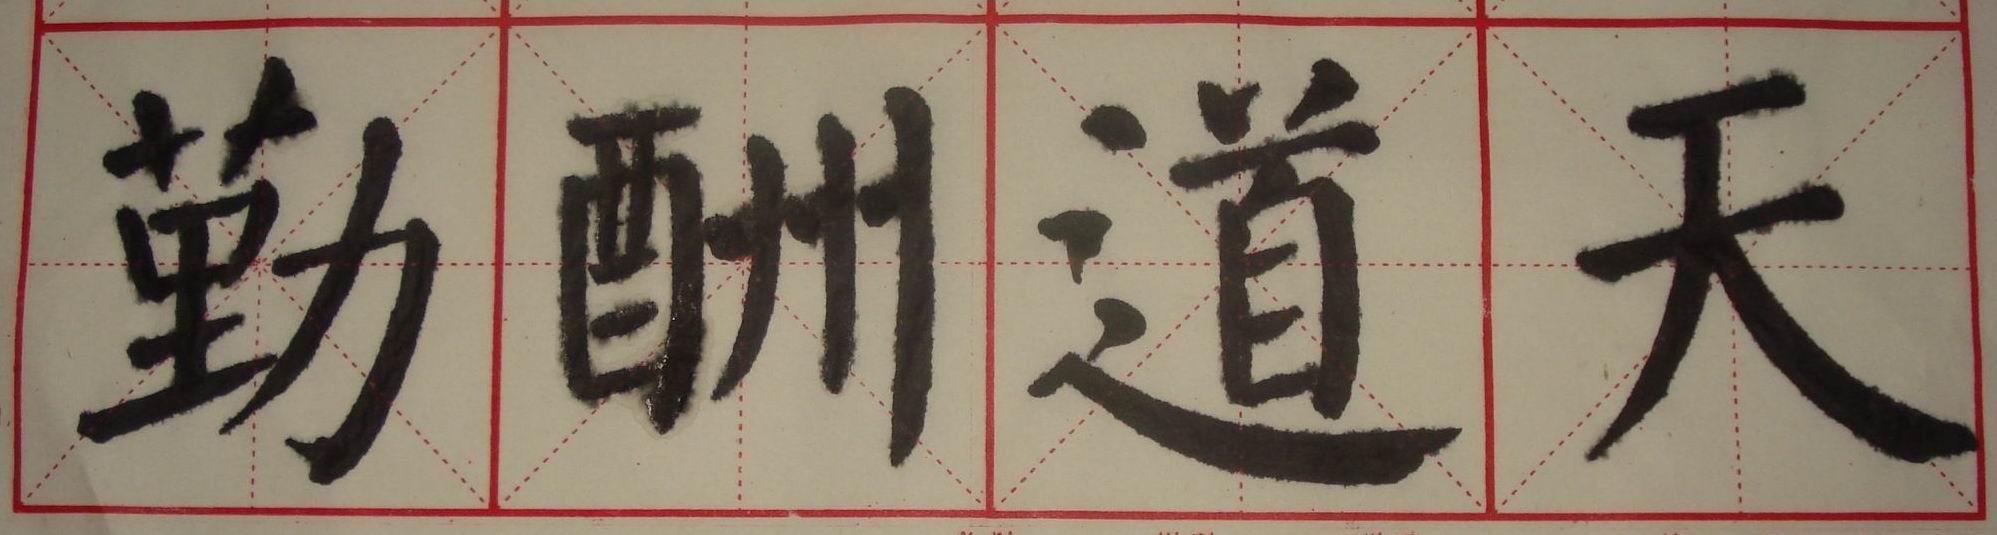 宿悦书法欣赏 楷书作品 《心经》图片